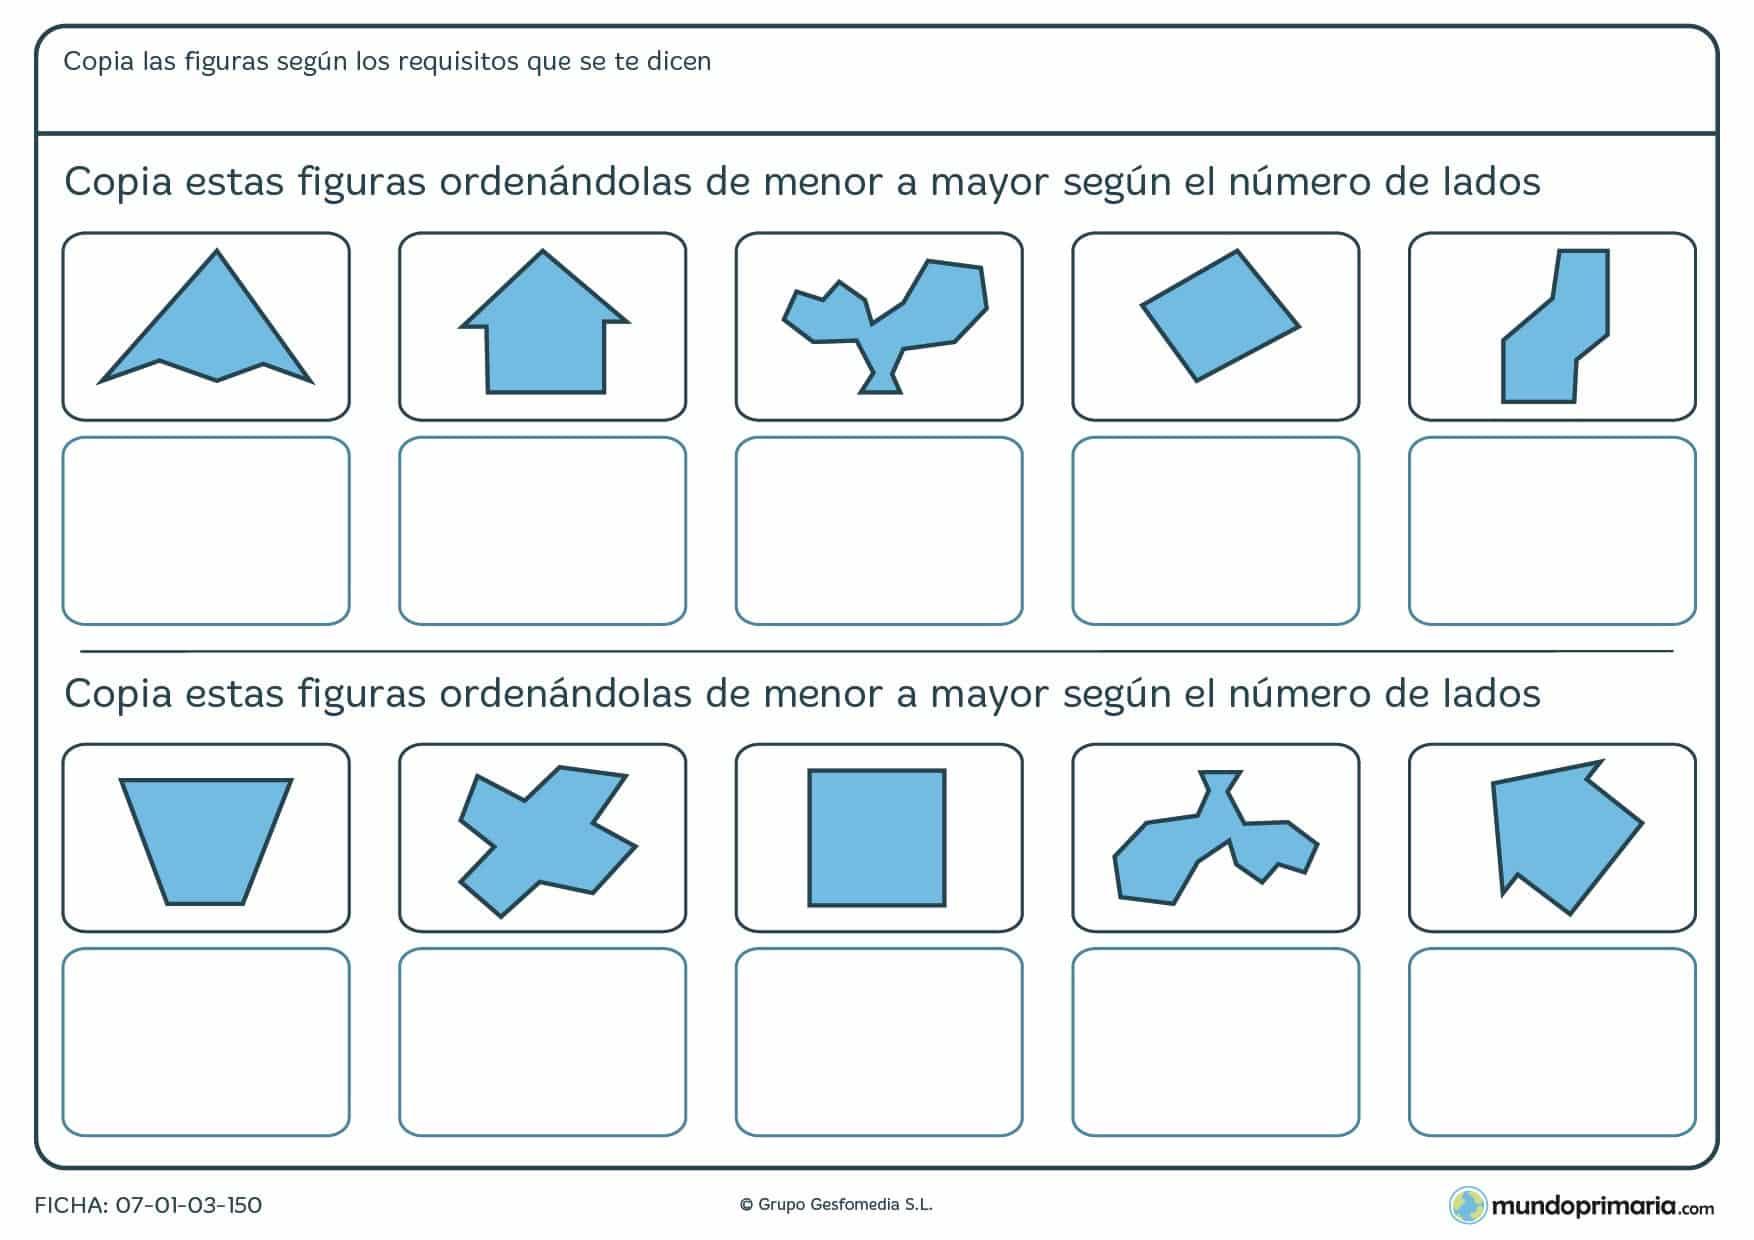 Ficha de menor lados a mayor número de lados de figuras geométricas, clasifícalas así.